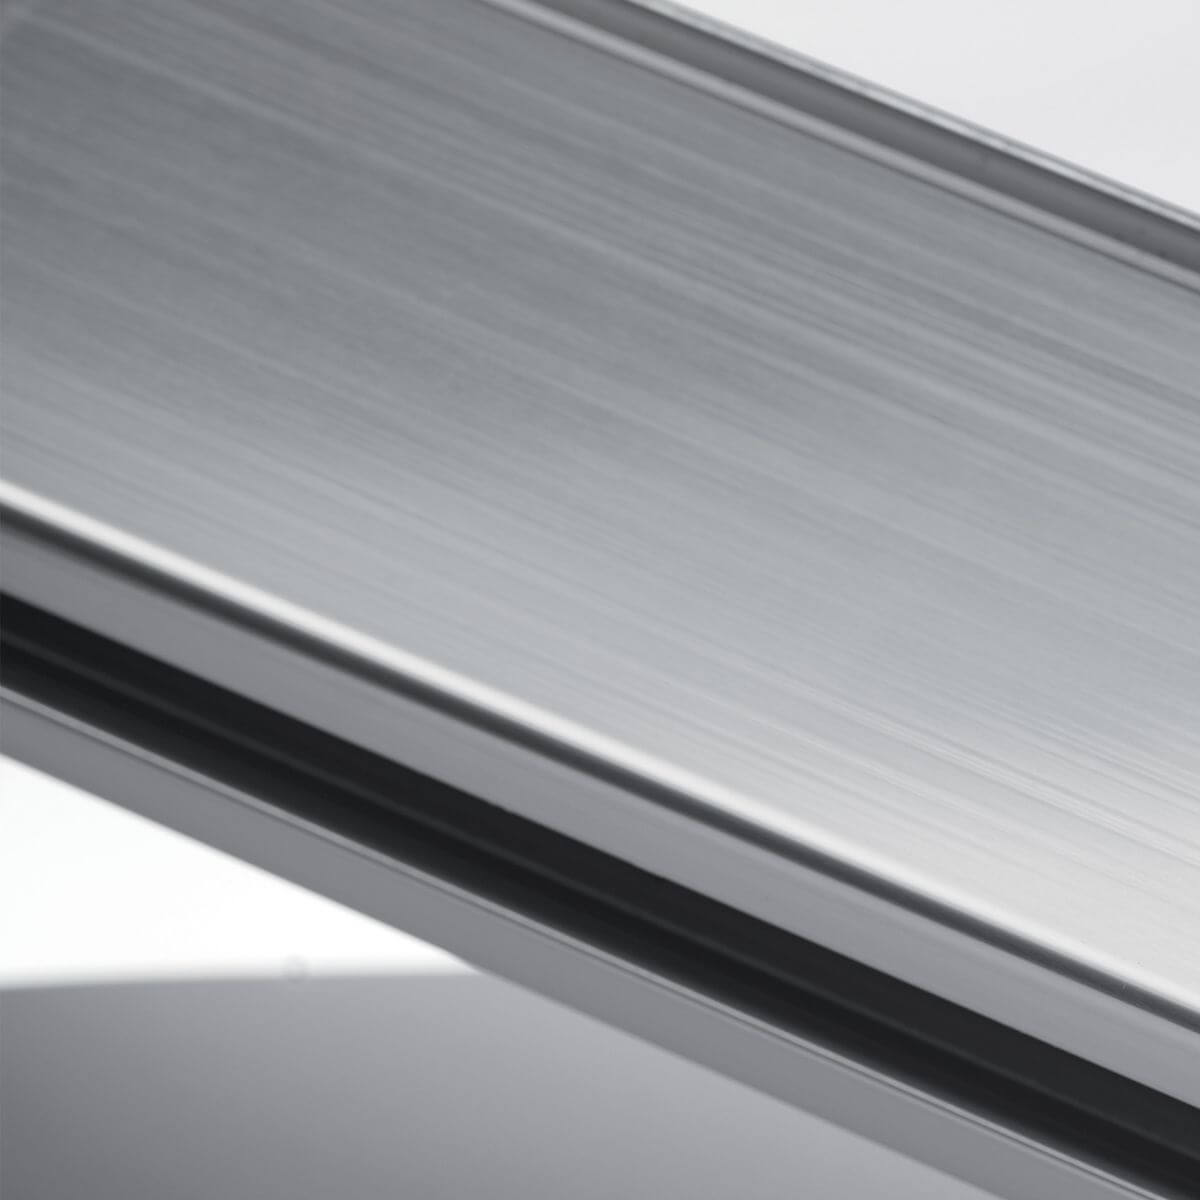 Finitura alluminio lucido per parete in vetro